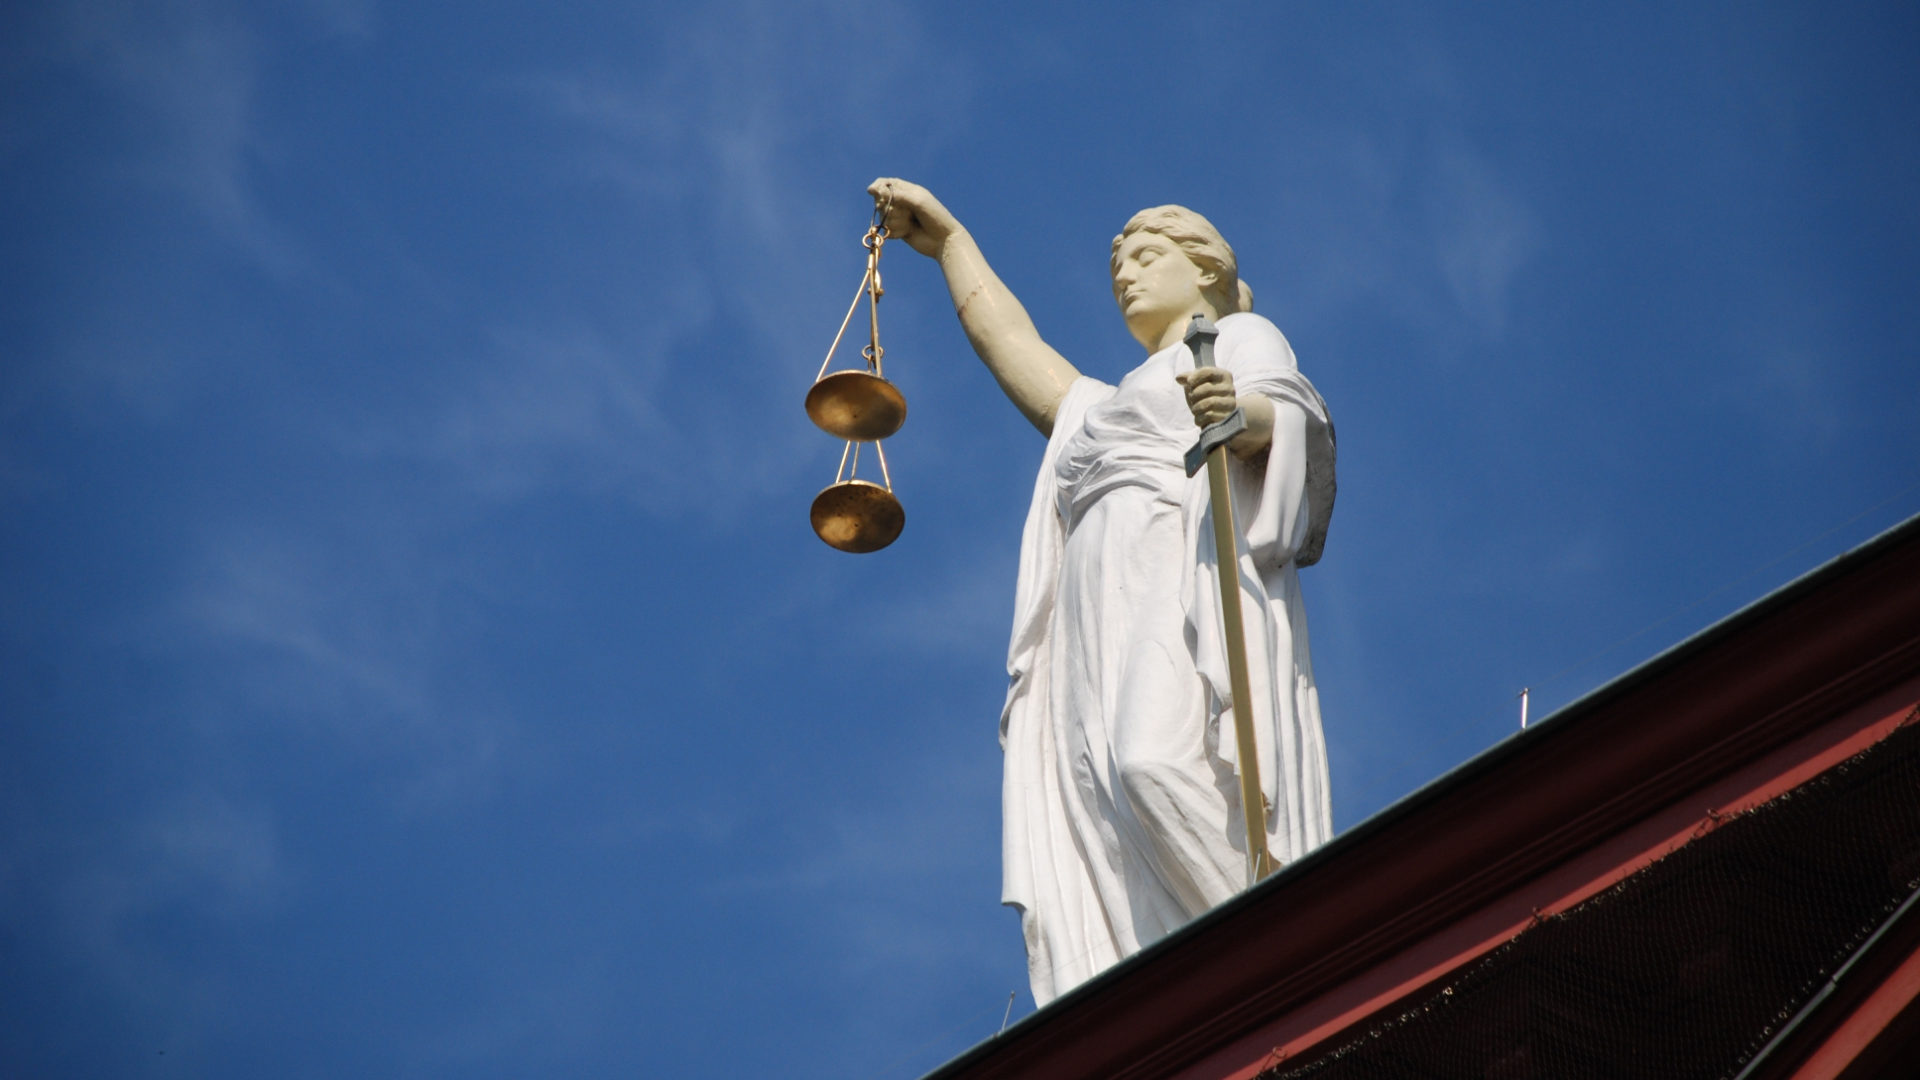 Hoe verloopt een gerechtelijke procedure?